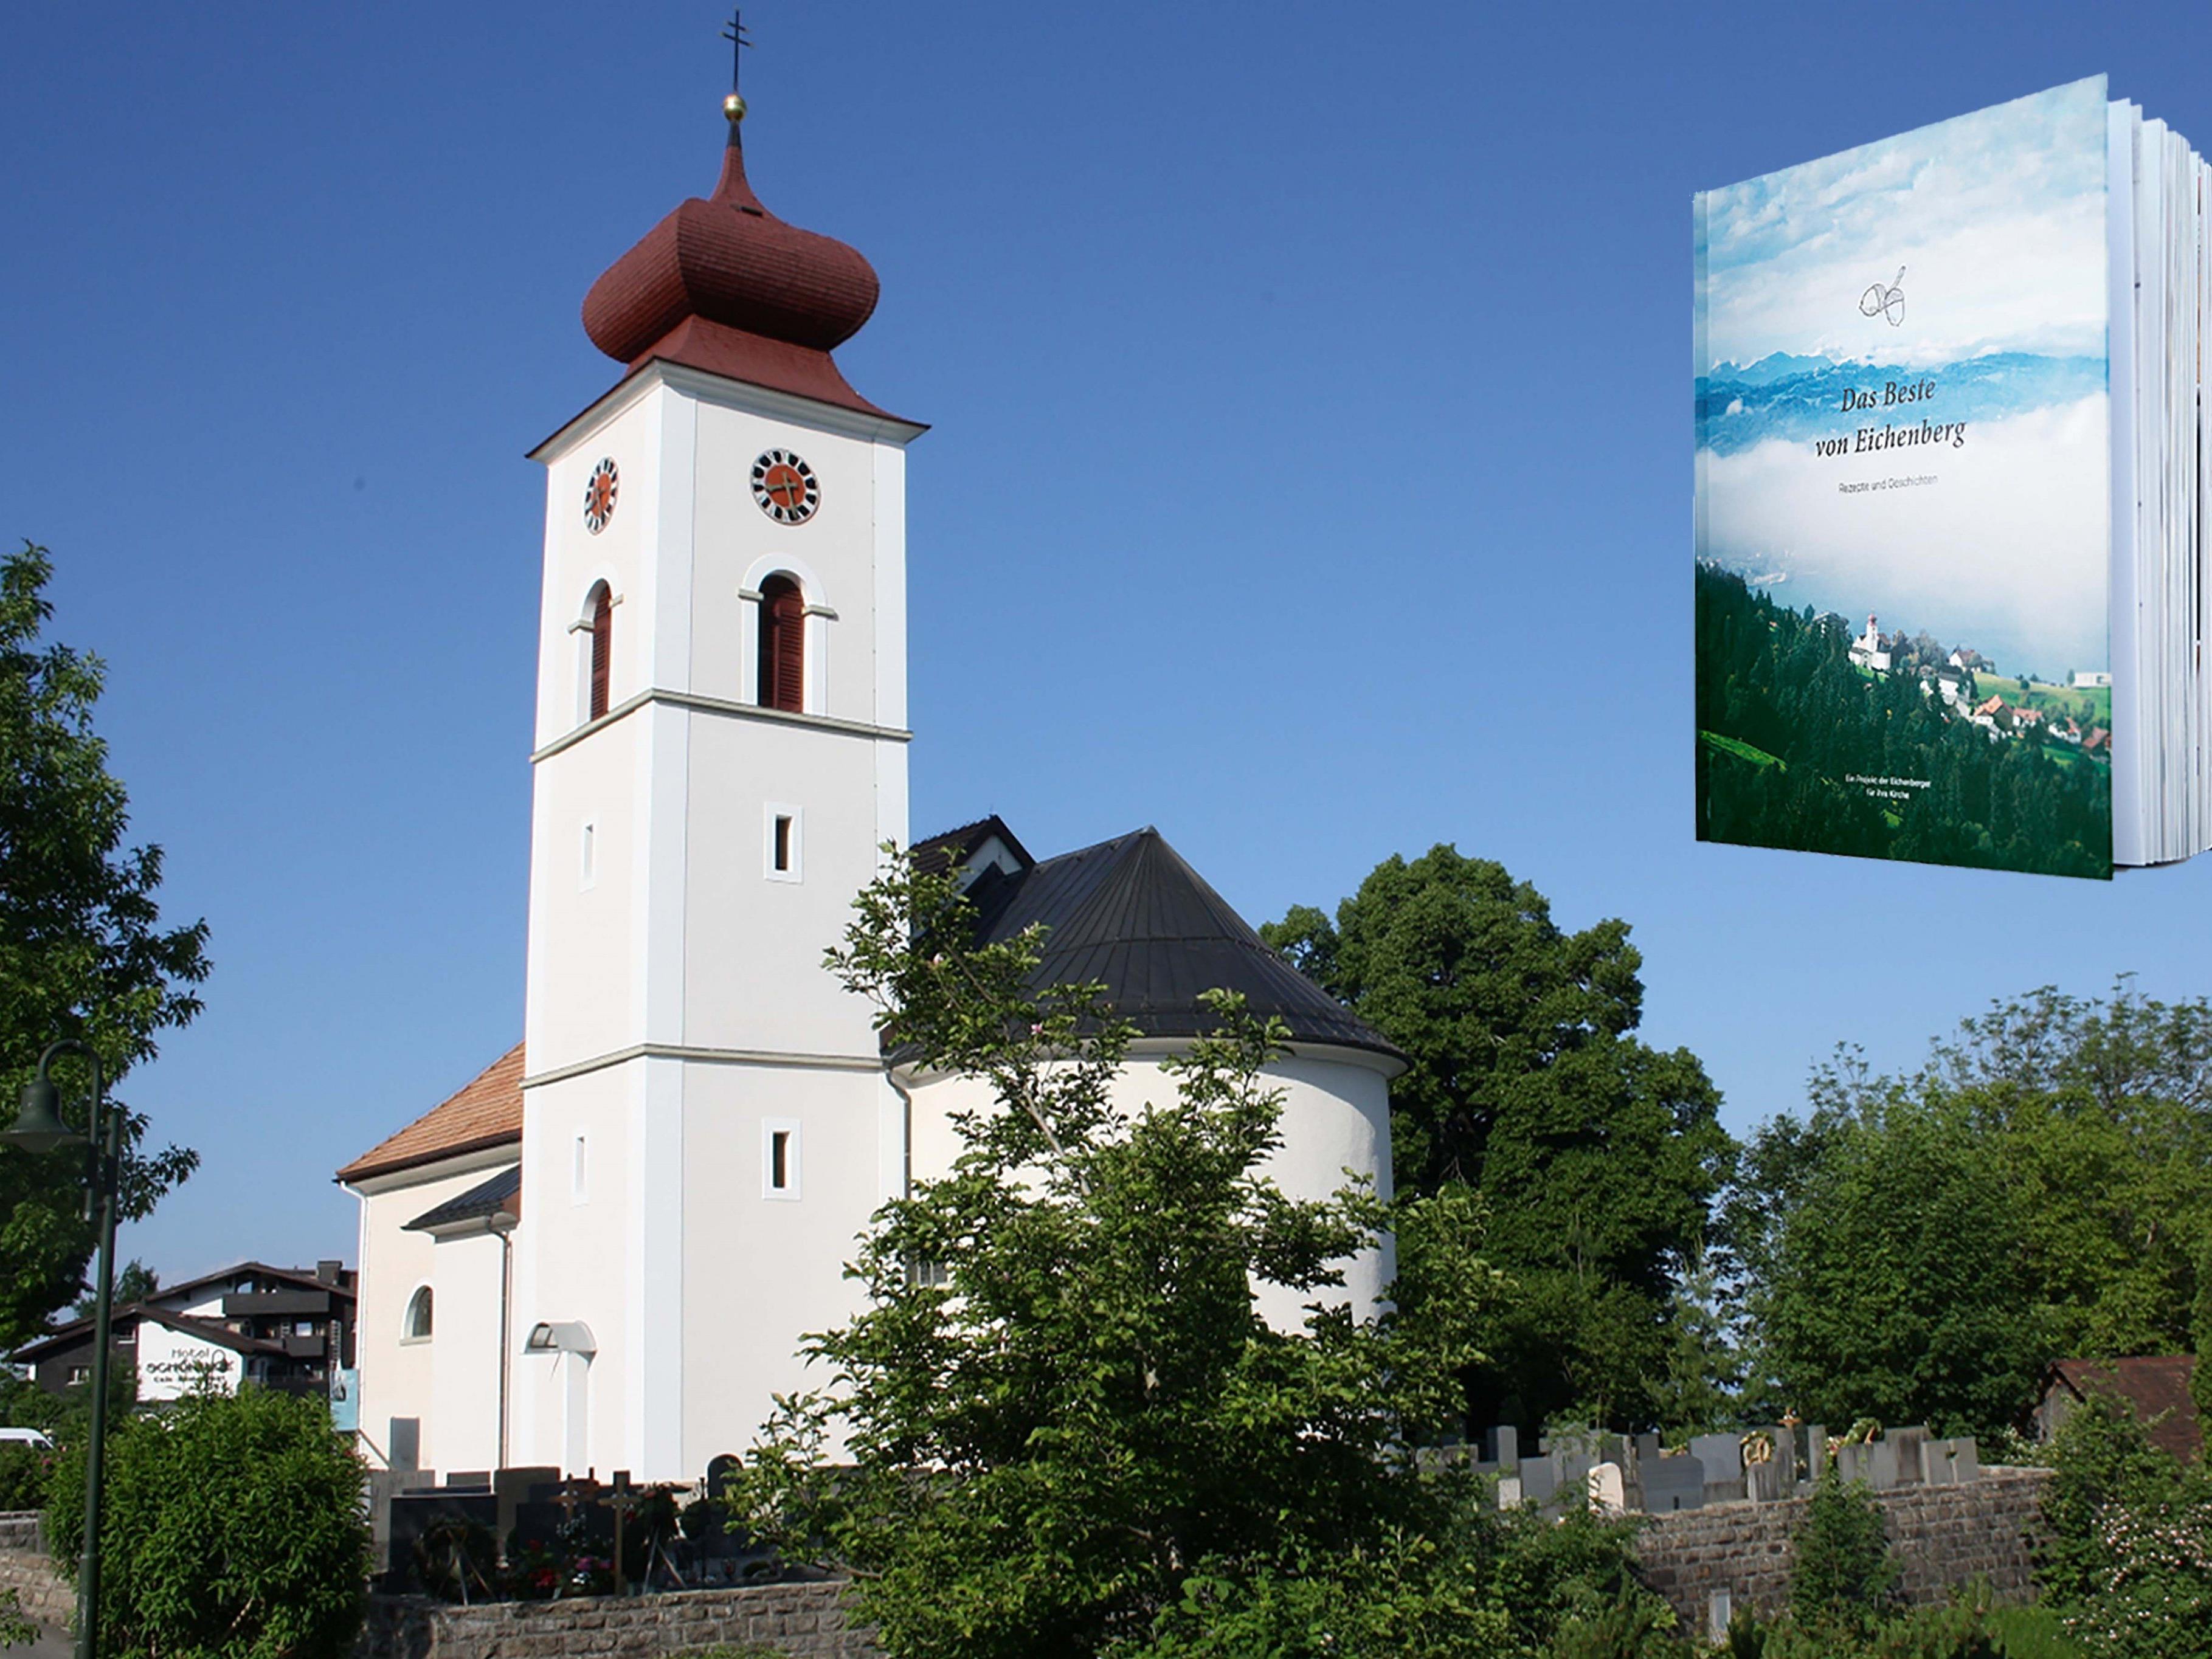 """Einladung zur Buchpräsentation """"Das Beste von Eichenberg. Rezepte und Geschichten"""" im Mehrzweckgebäude. Der Verkaufserlös kommt der laufenden Pfarrkirchenrenovierung zugute."""